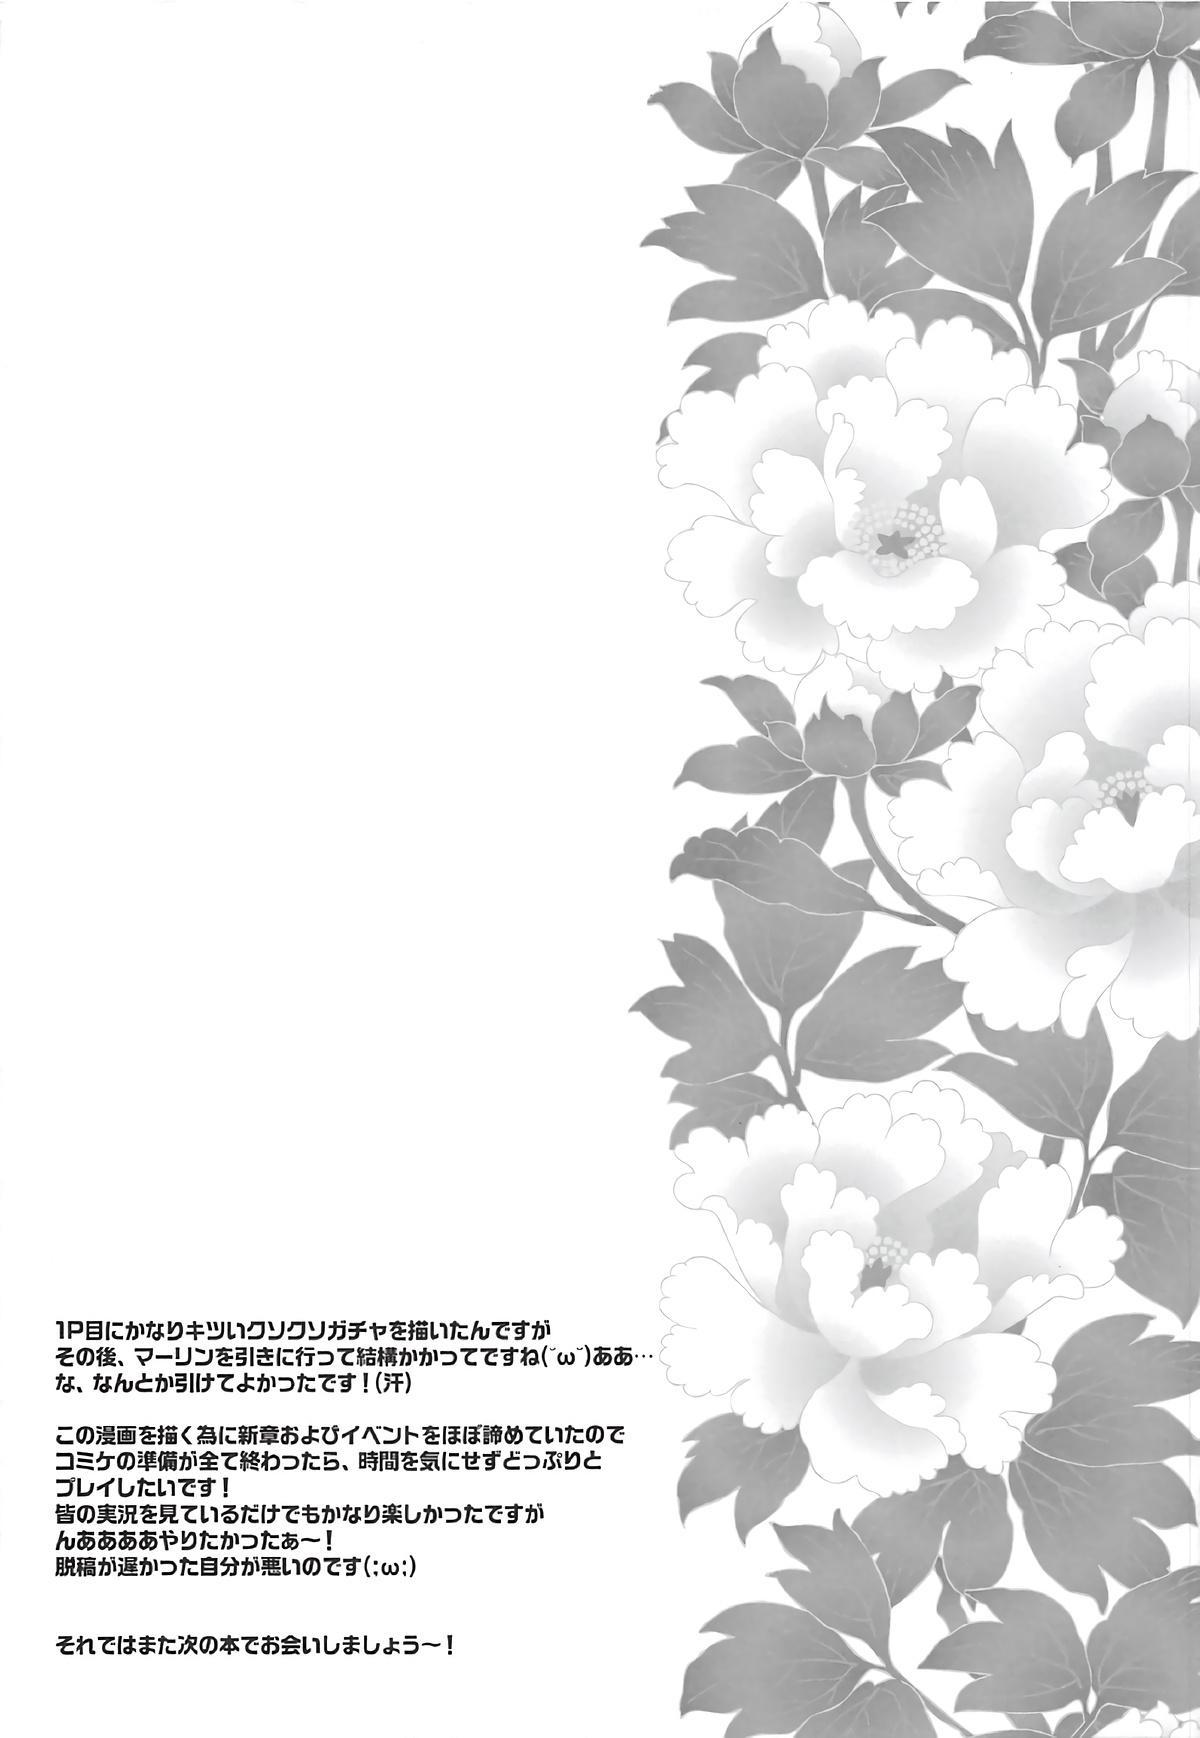 Chimimouryou Kikikaikai 21